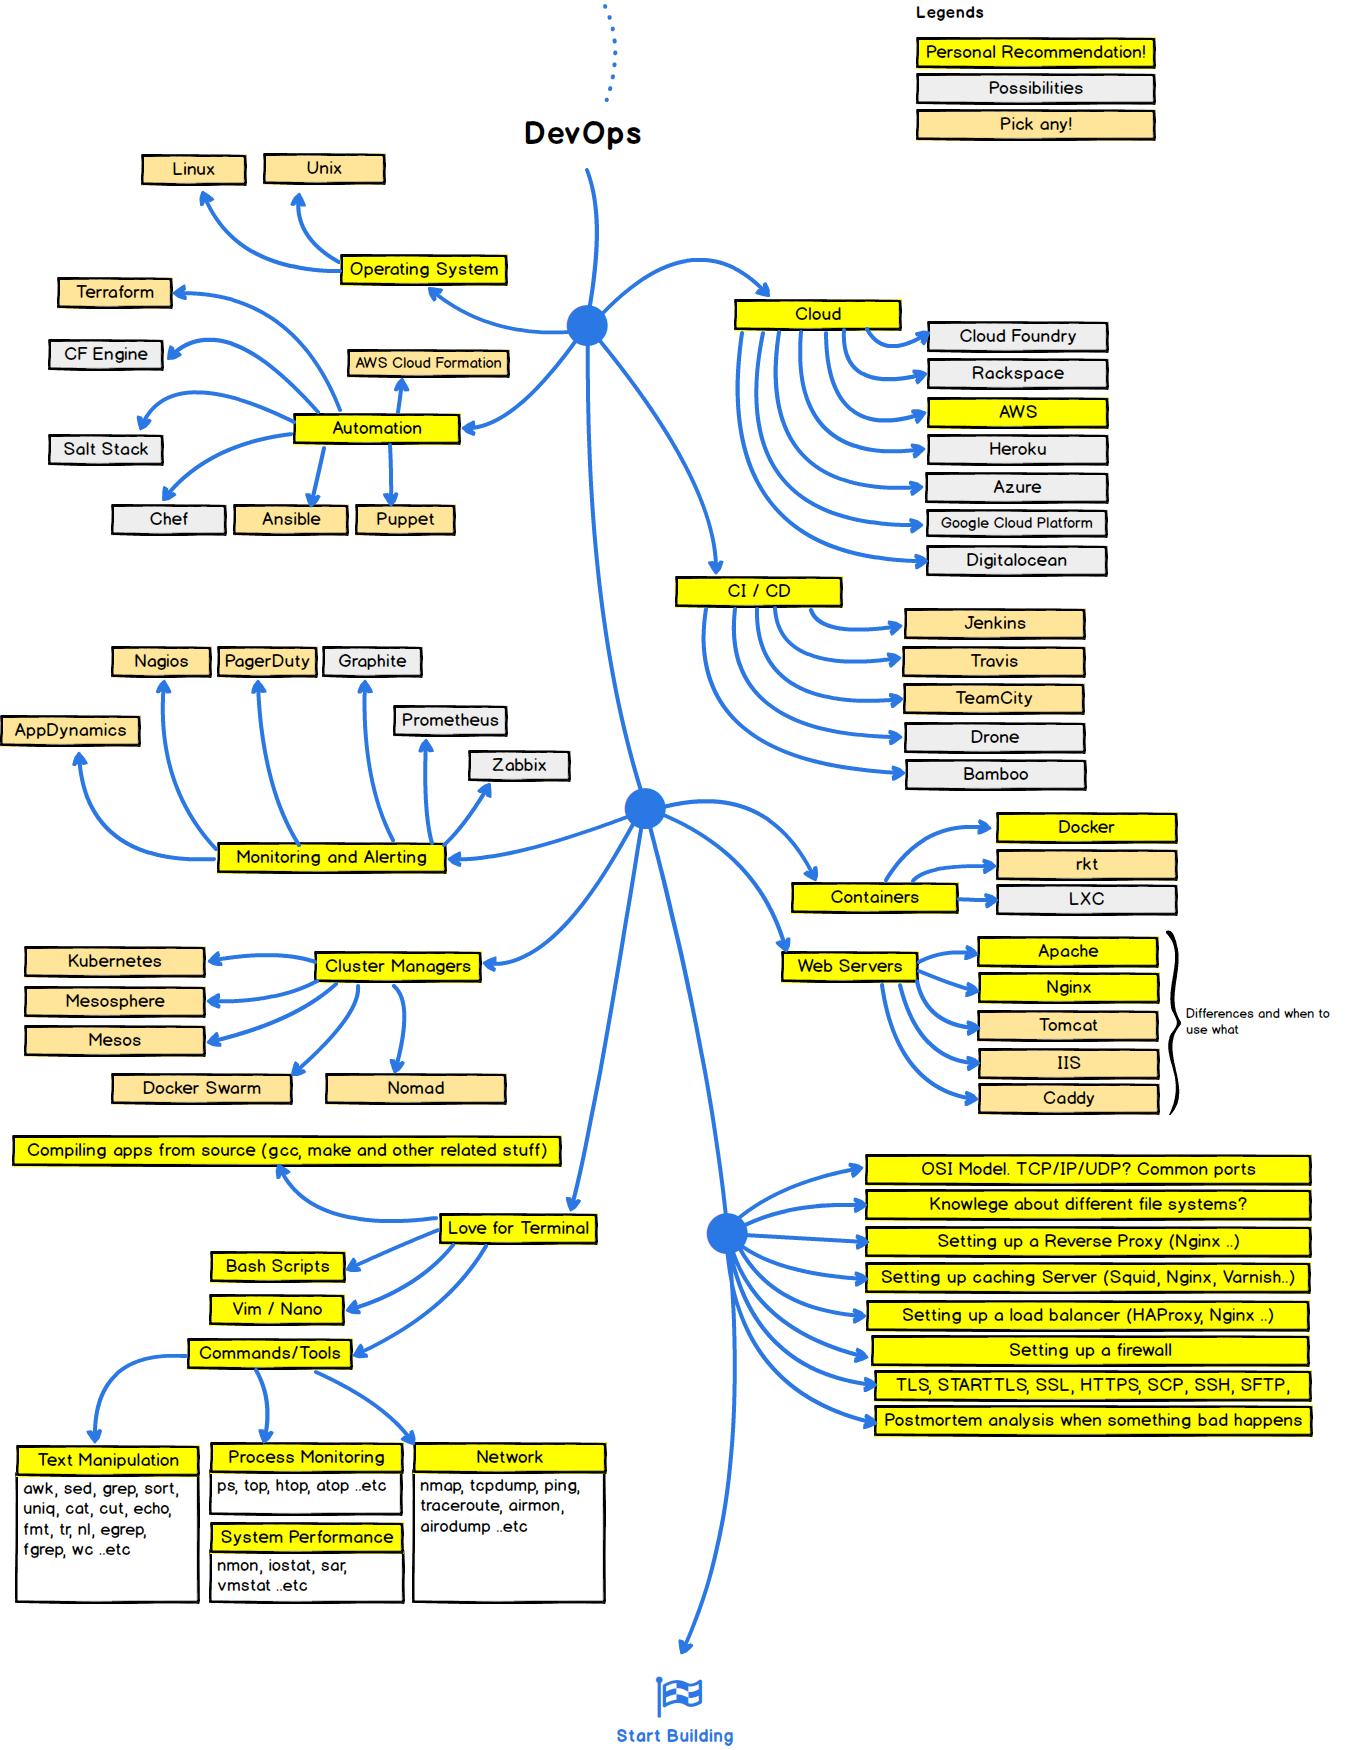 """""""dev-ops developer roadmap in 2017"""""""